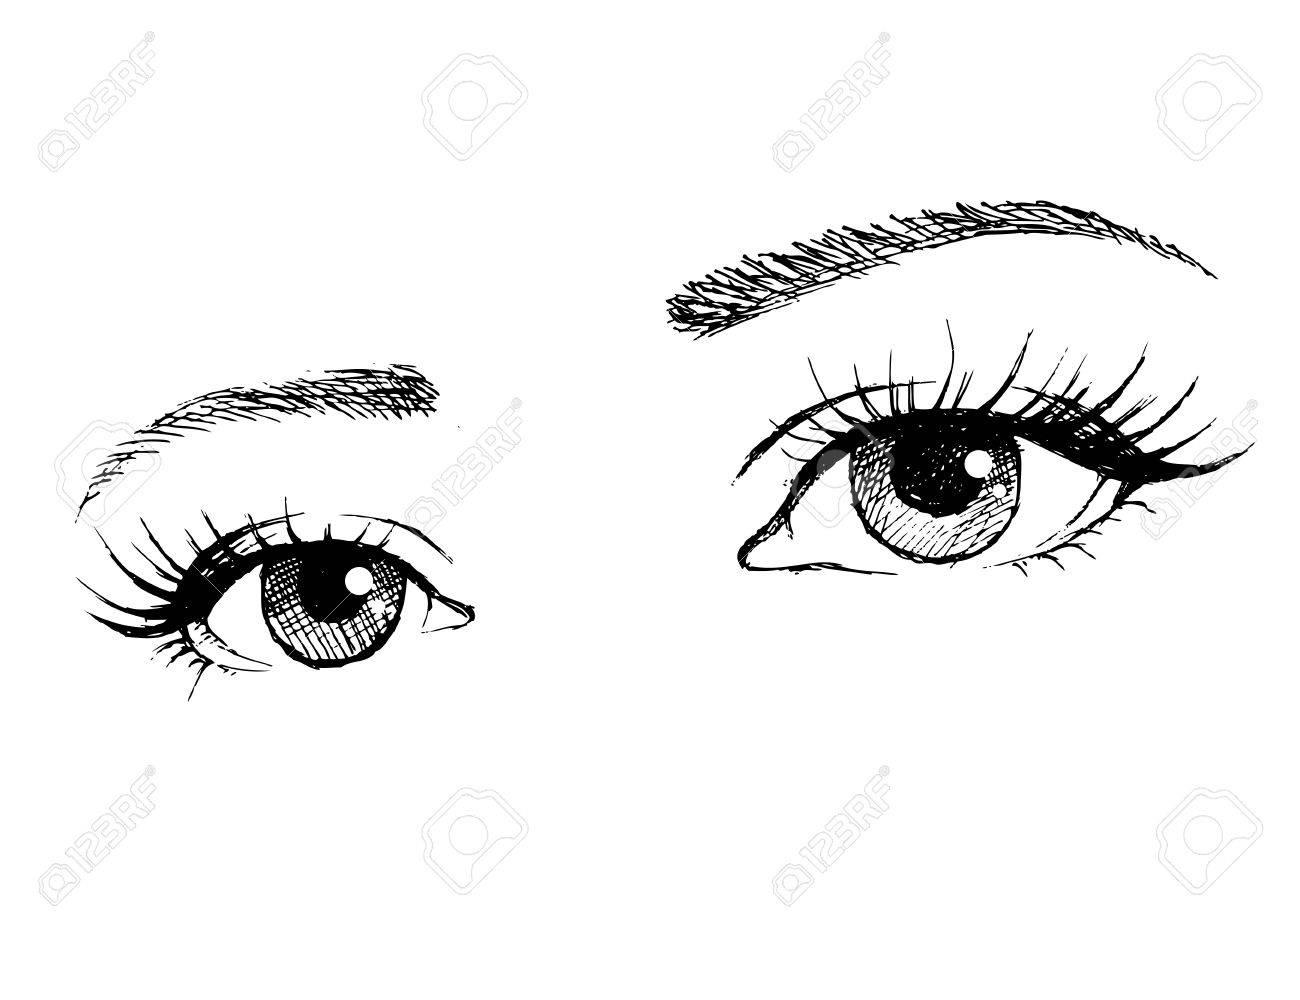 Illustration of woman eyes with long eyelashes. - 59872015